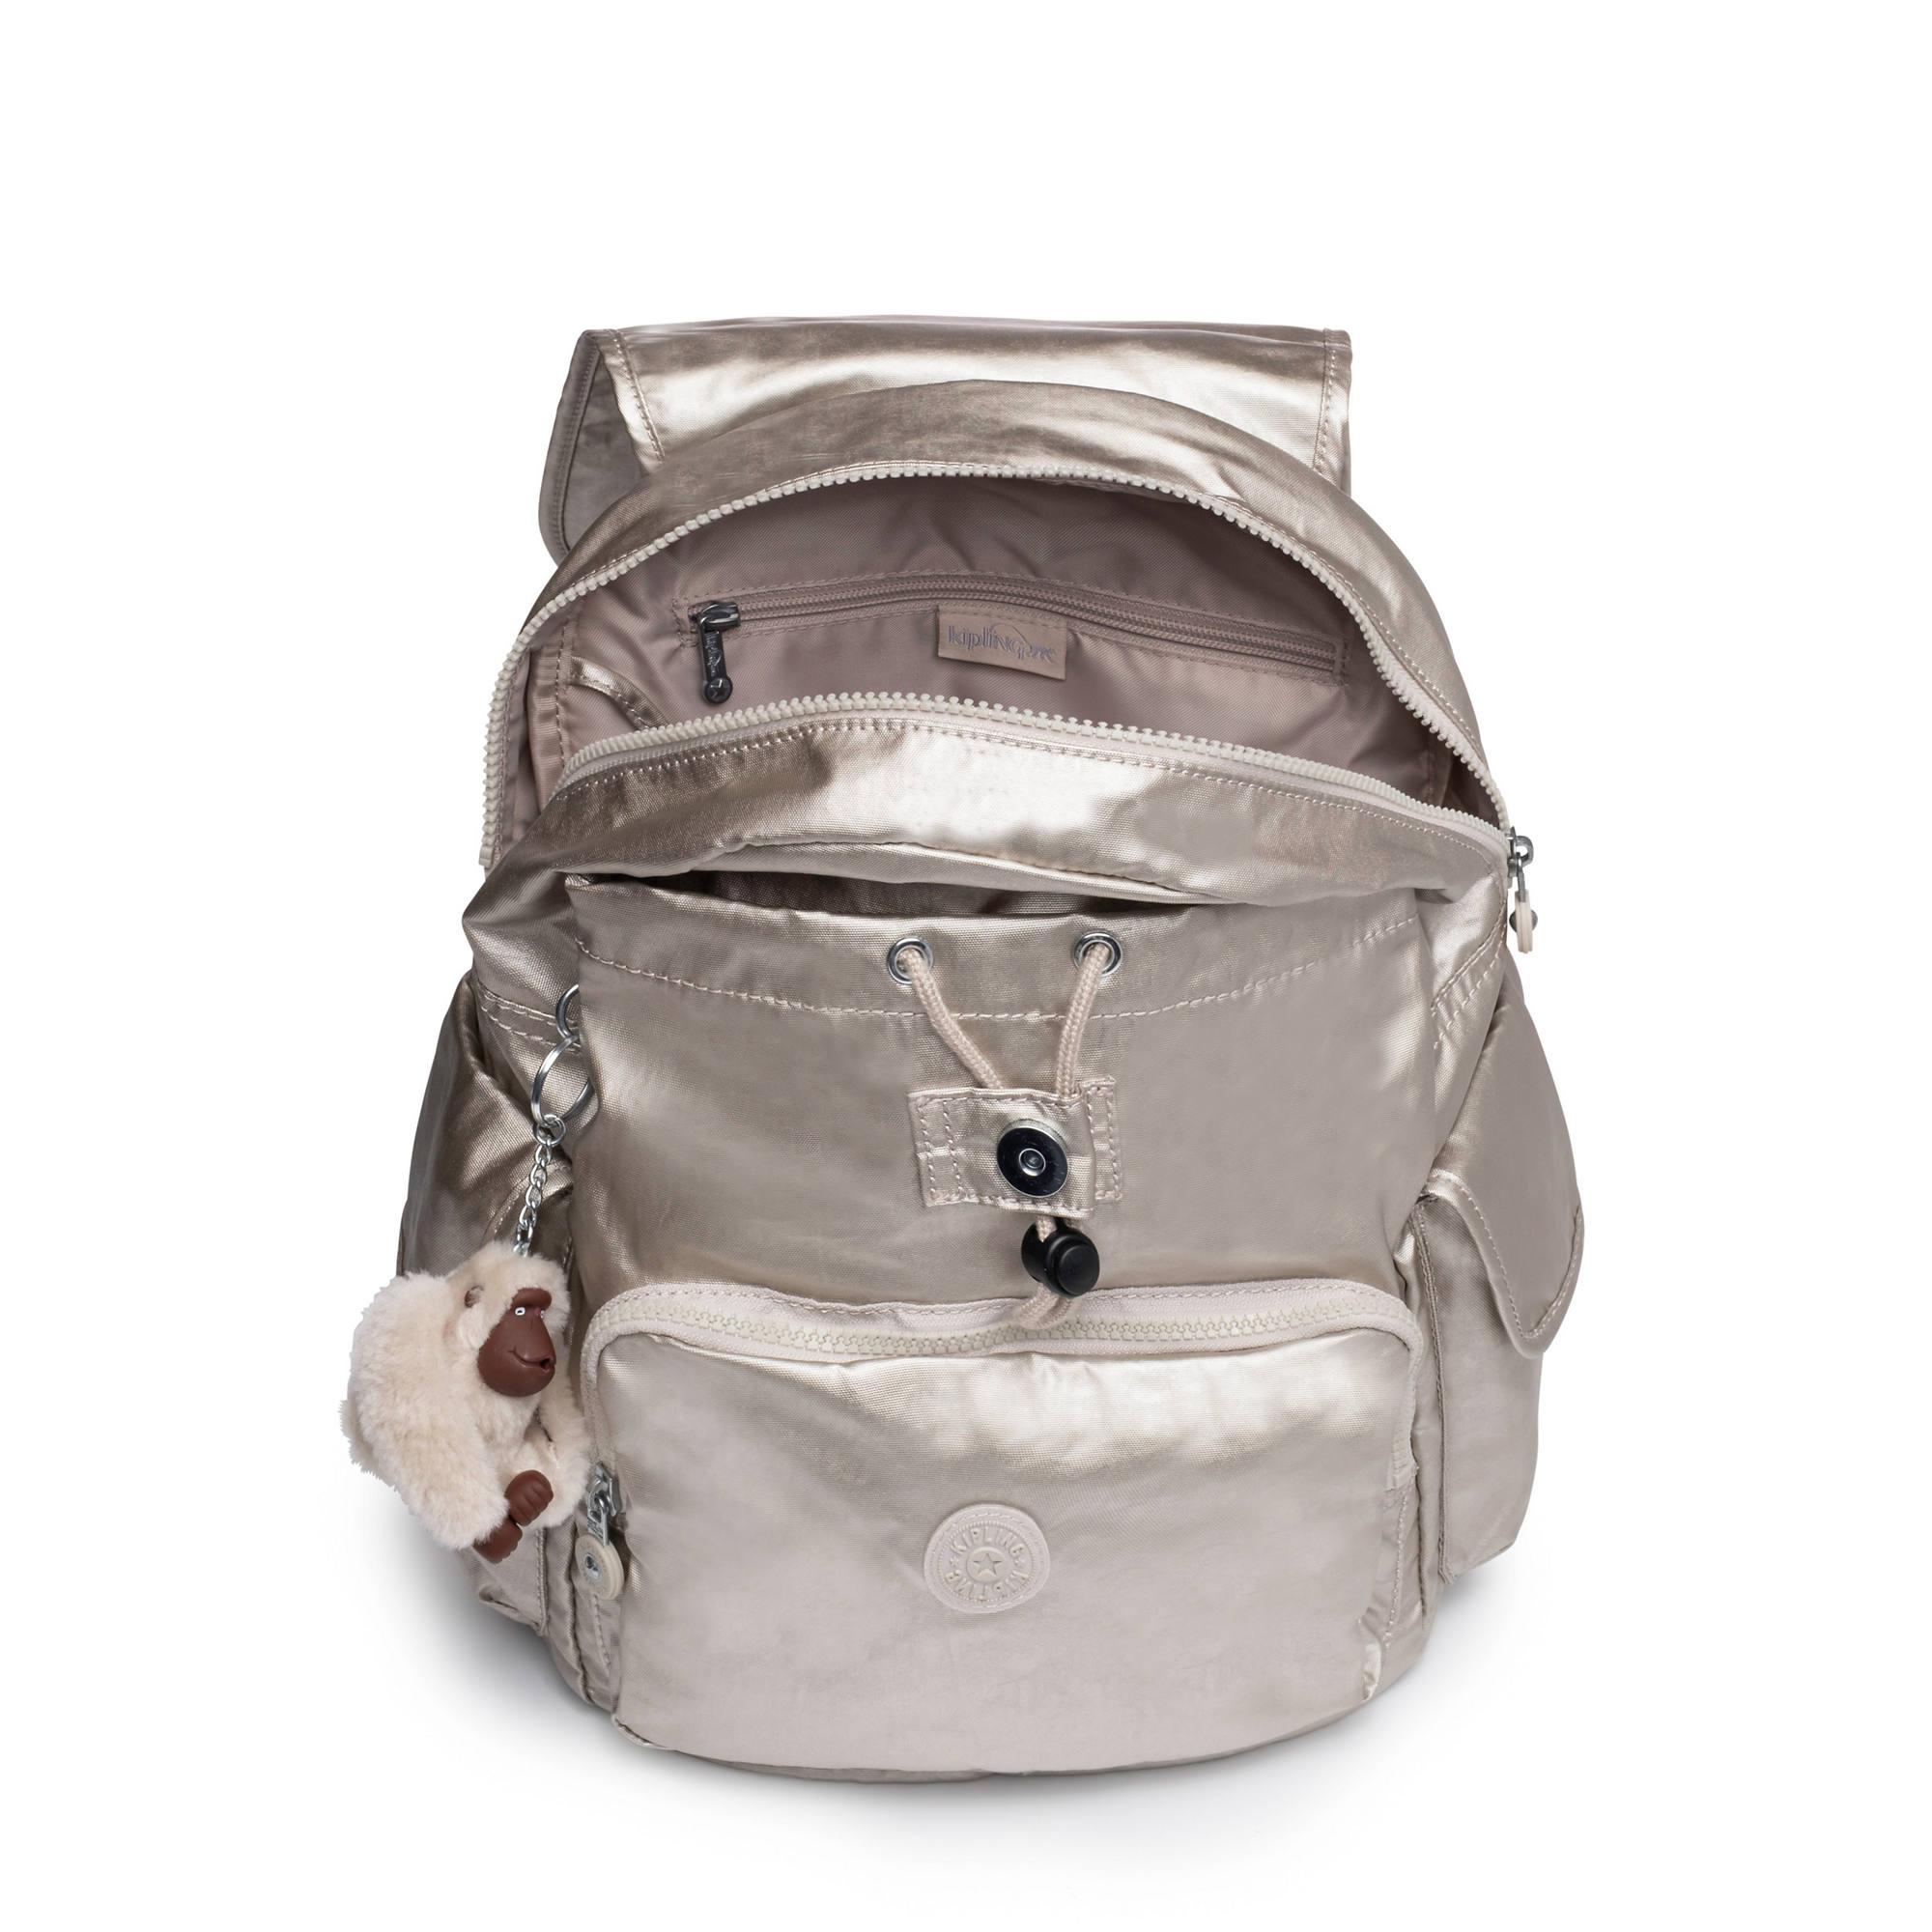 Kipling City Pack Printed Backpack